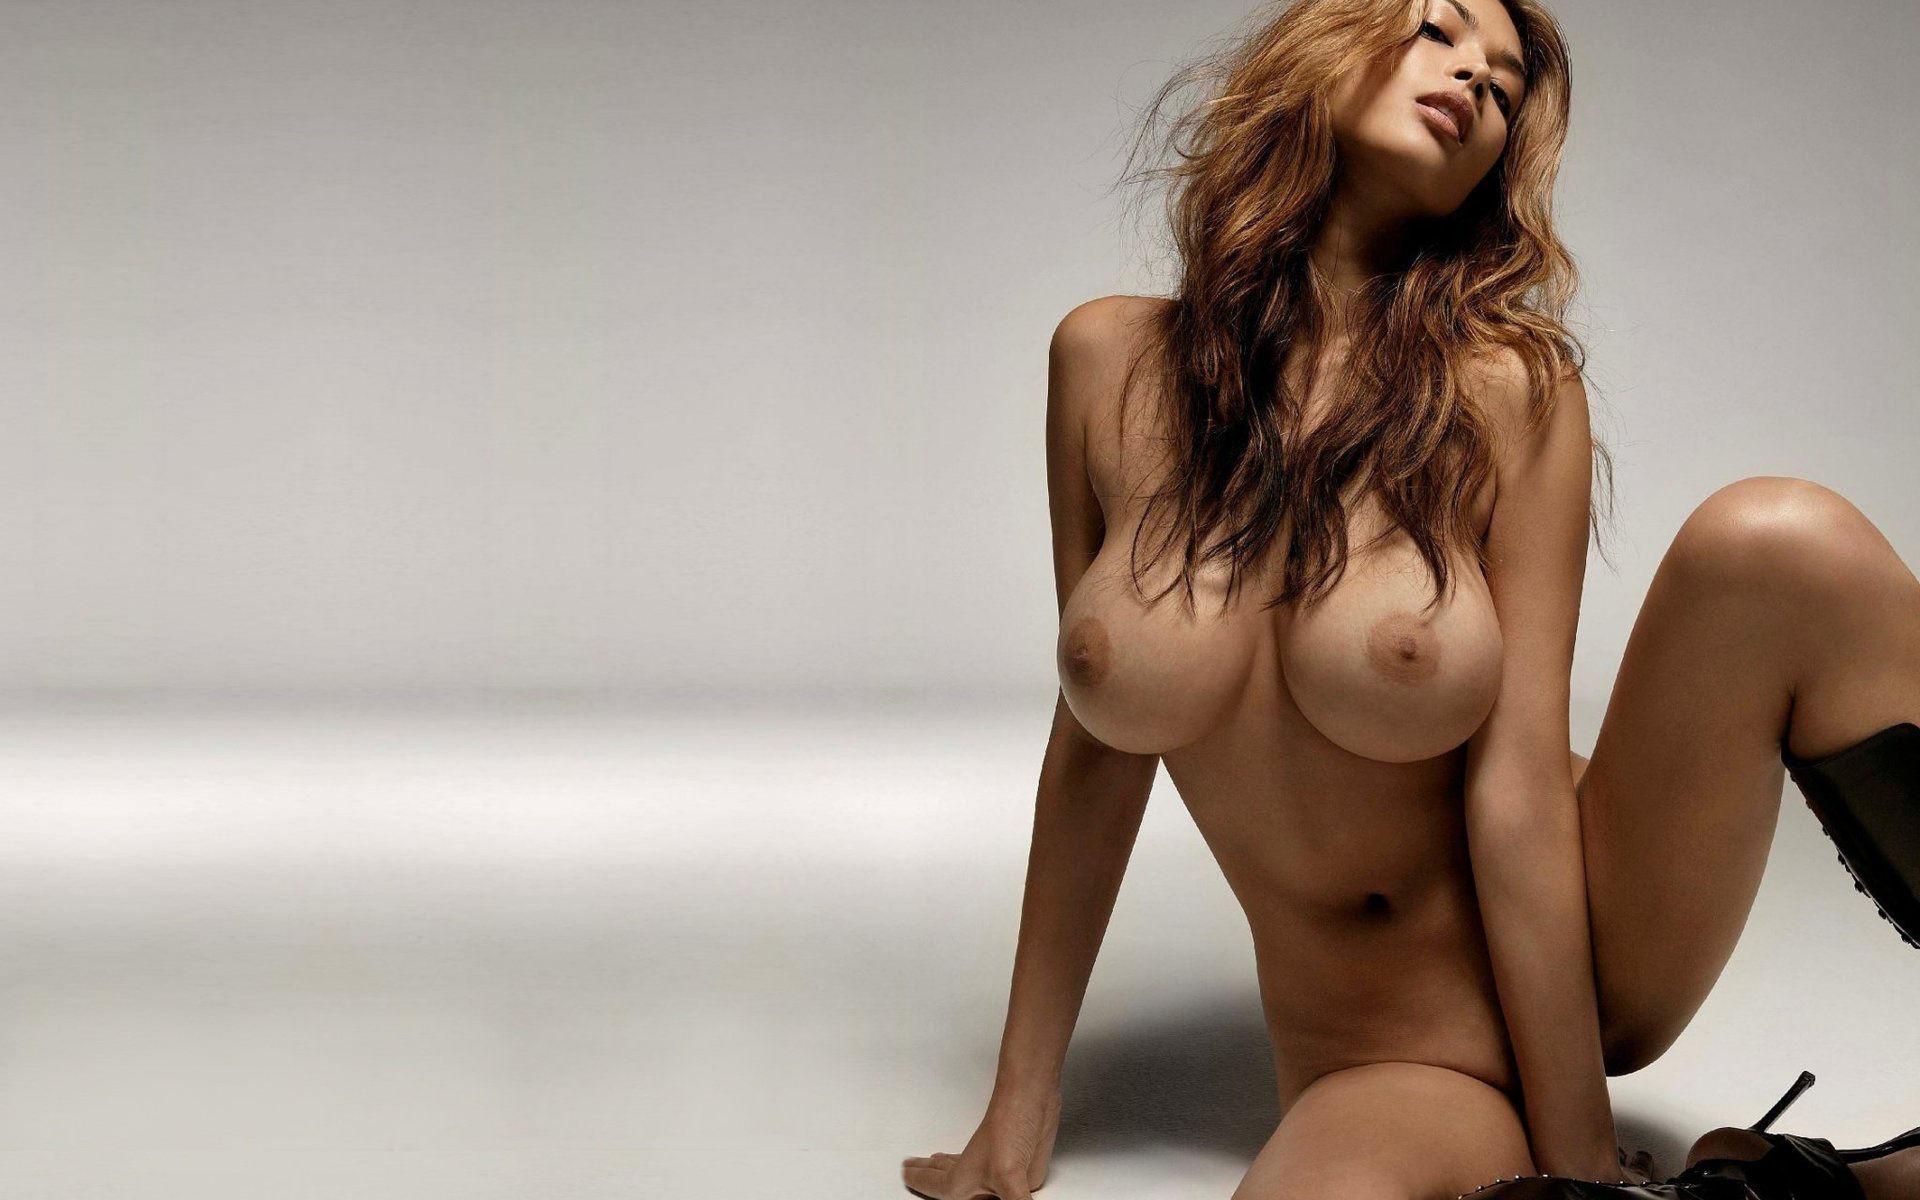 Фото.сайт.голые.девушки